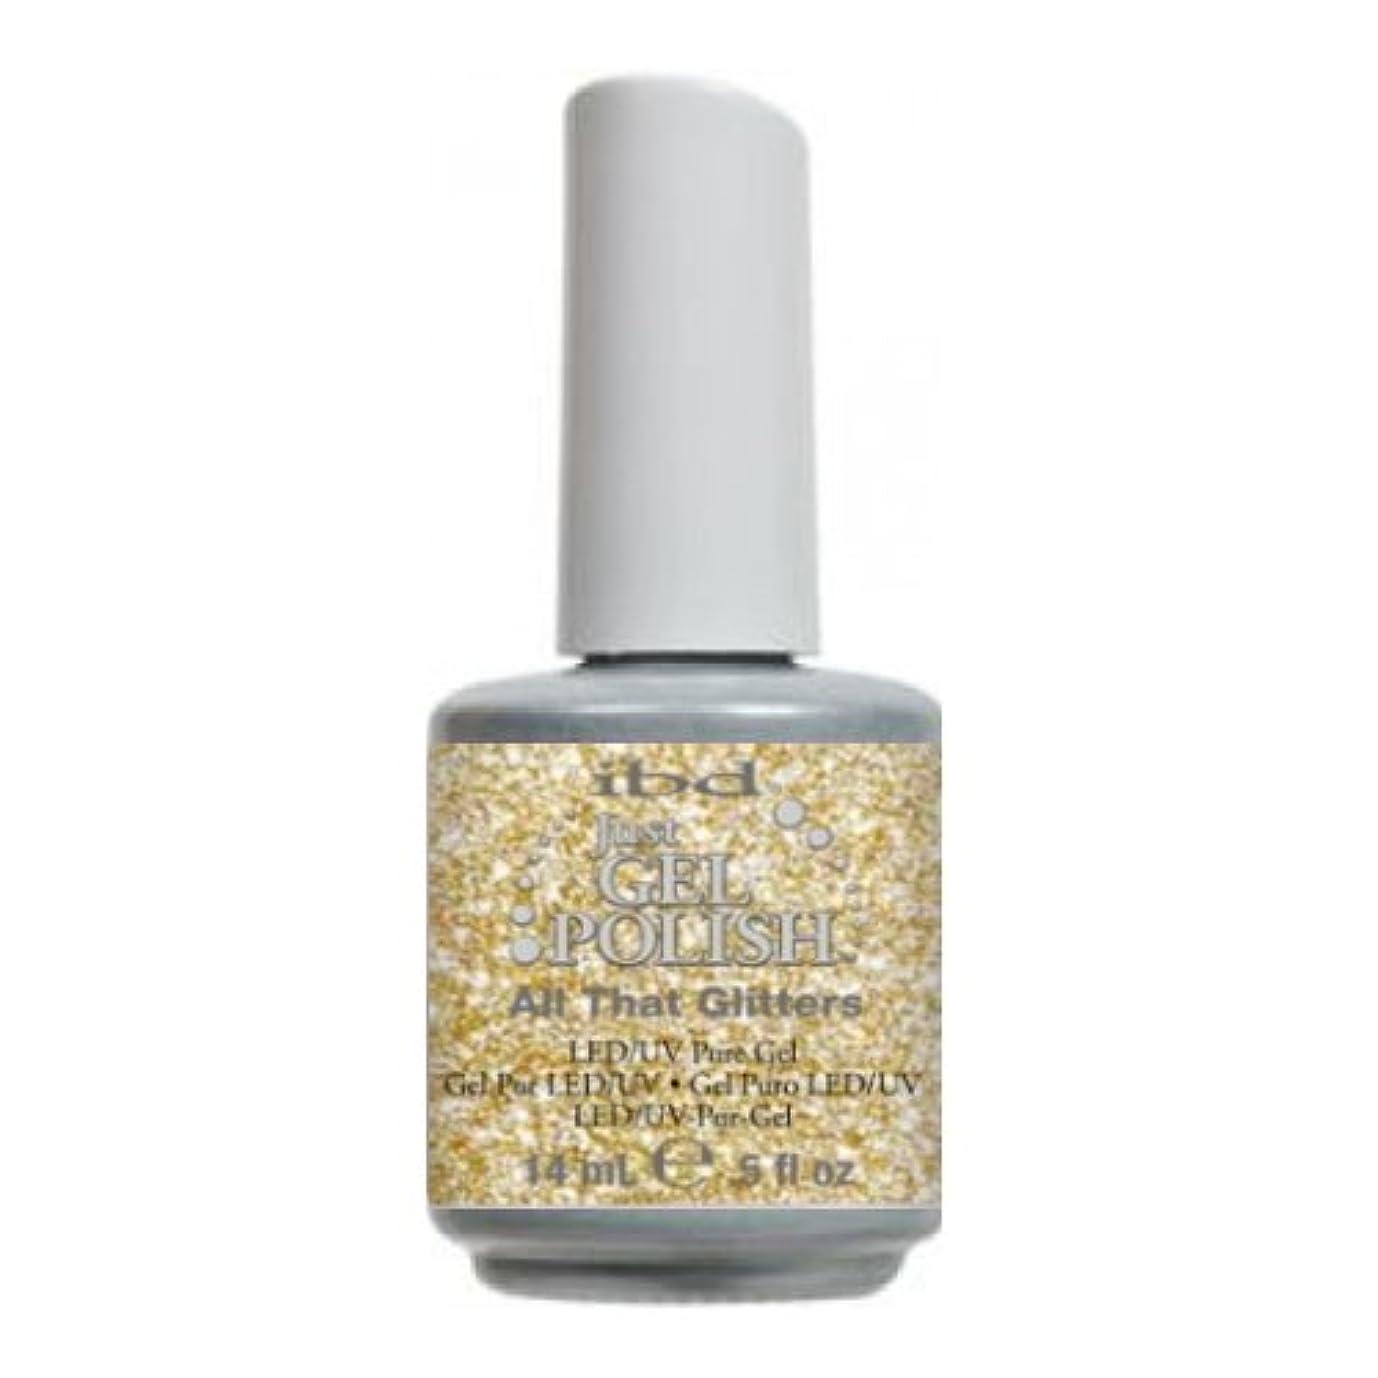 ティッシュまだ無力ibd Just Gel Polish - All That Glitters (並行輸入品)